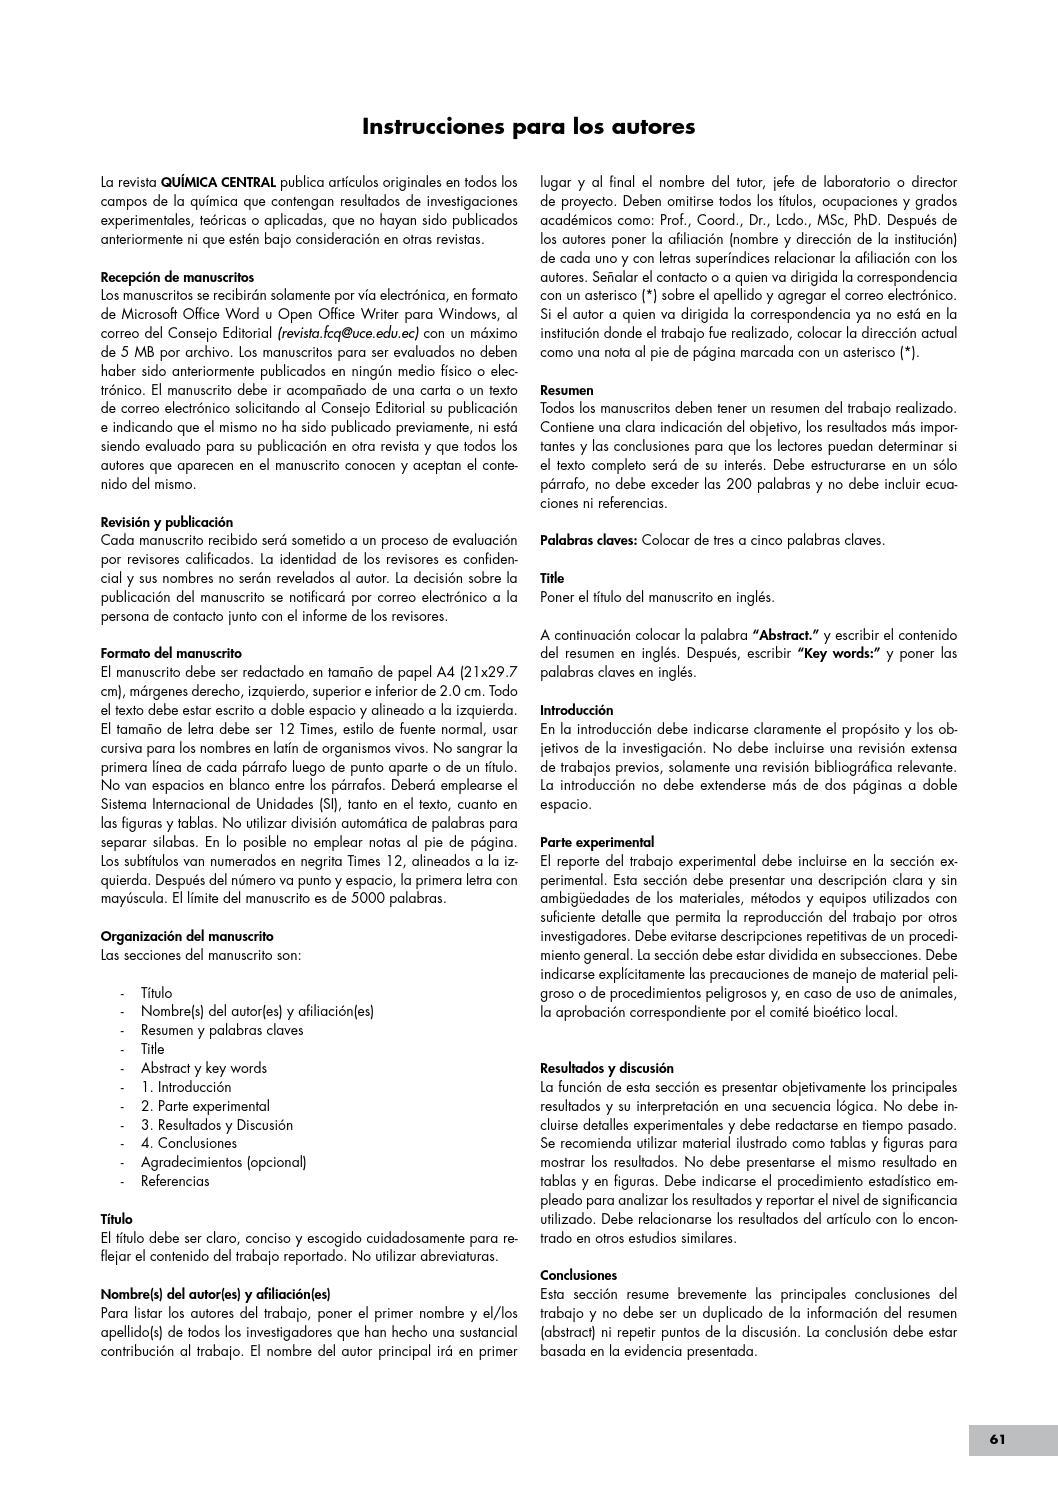 02_REVISTA_QUIMICA_CENTRAL_N°-2 by FACULTAD DE CIENCIAS QUIMICAS - issuu